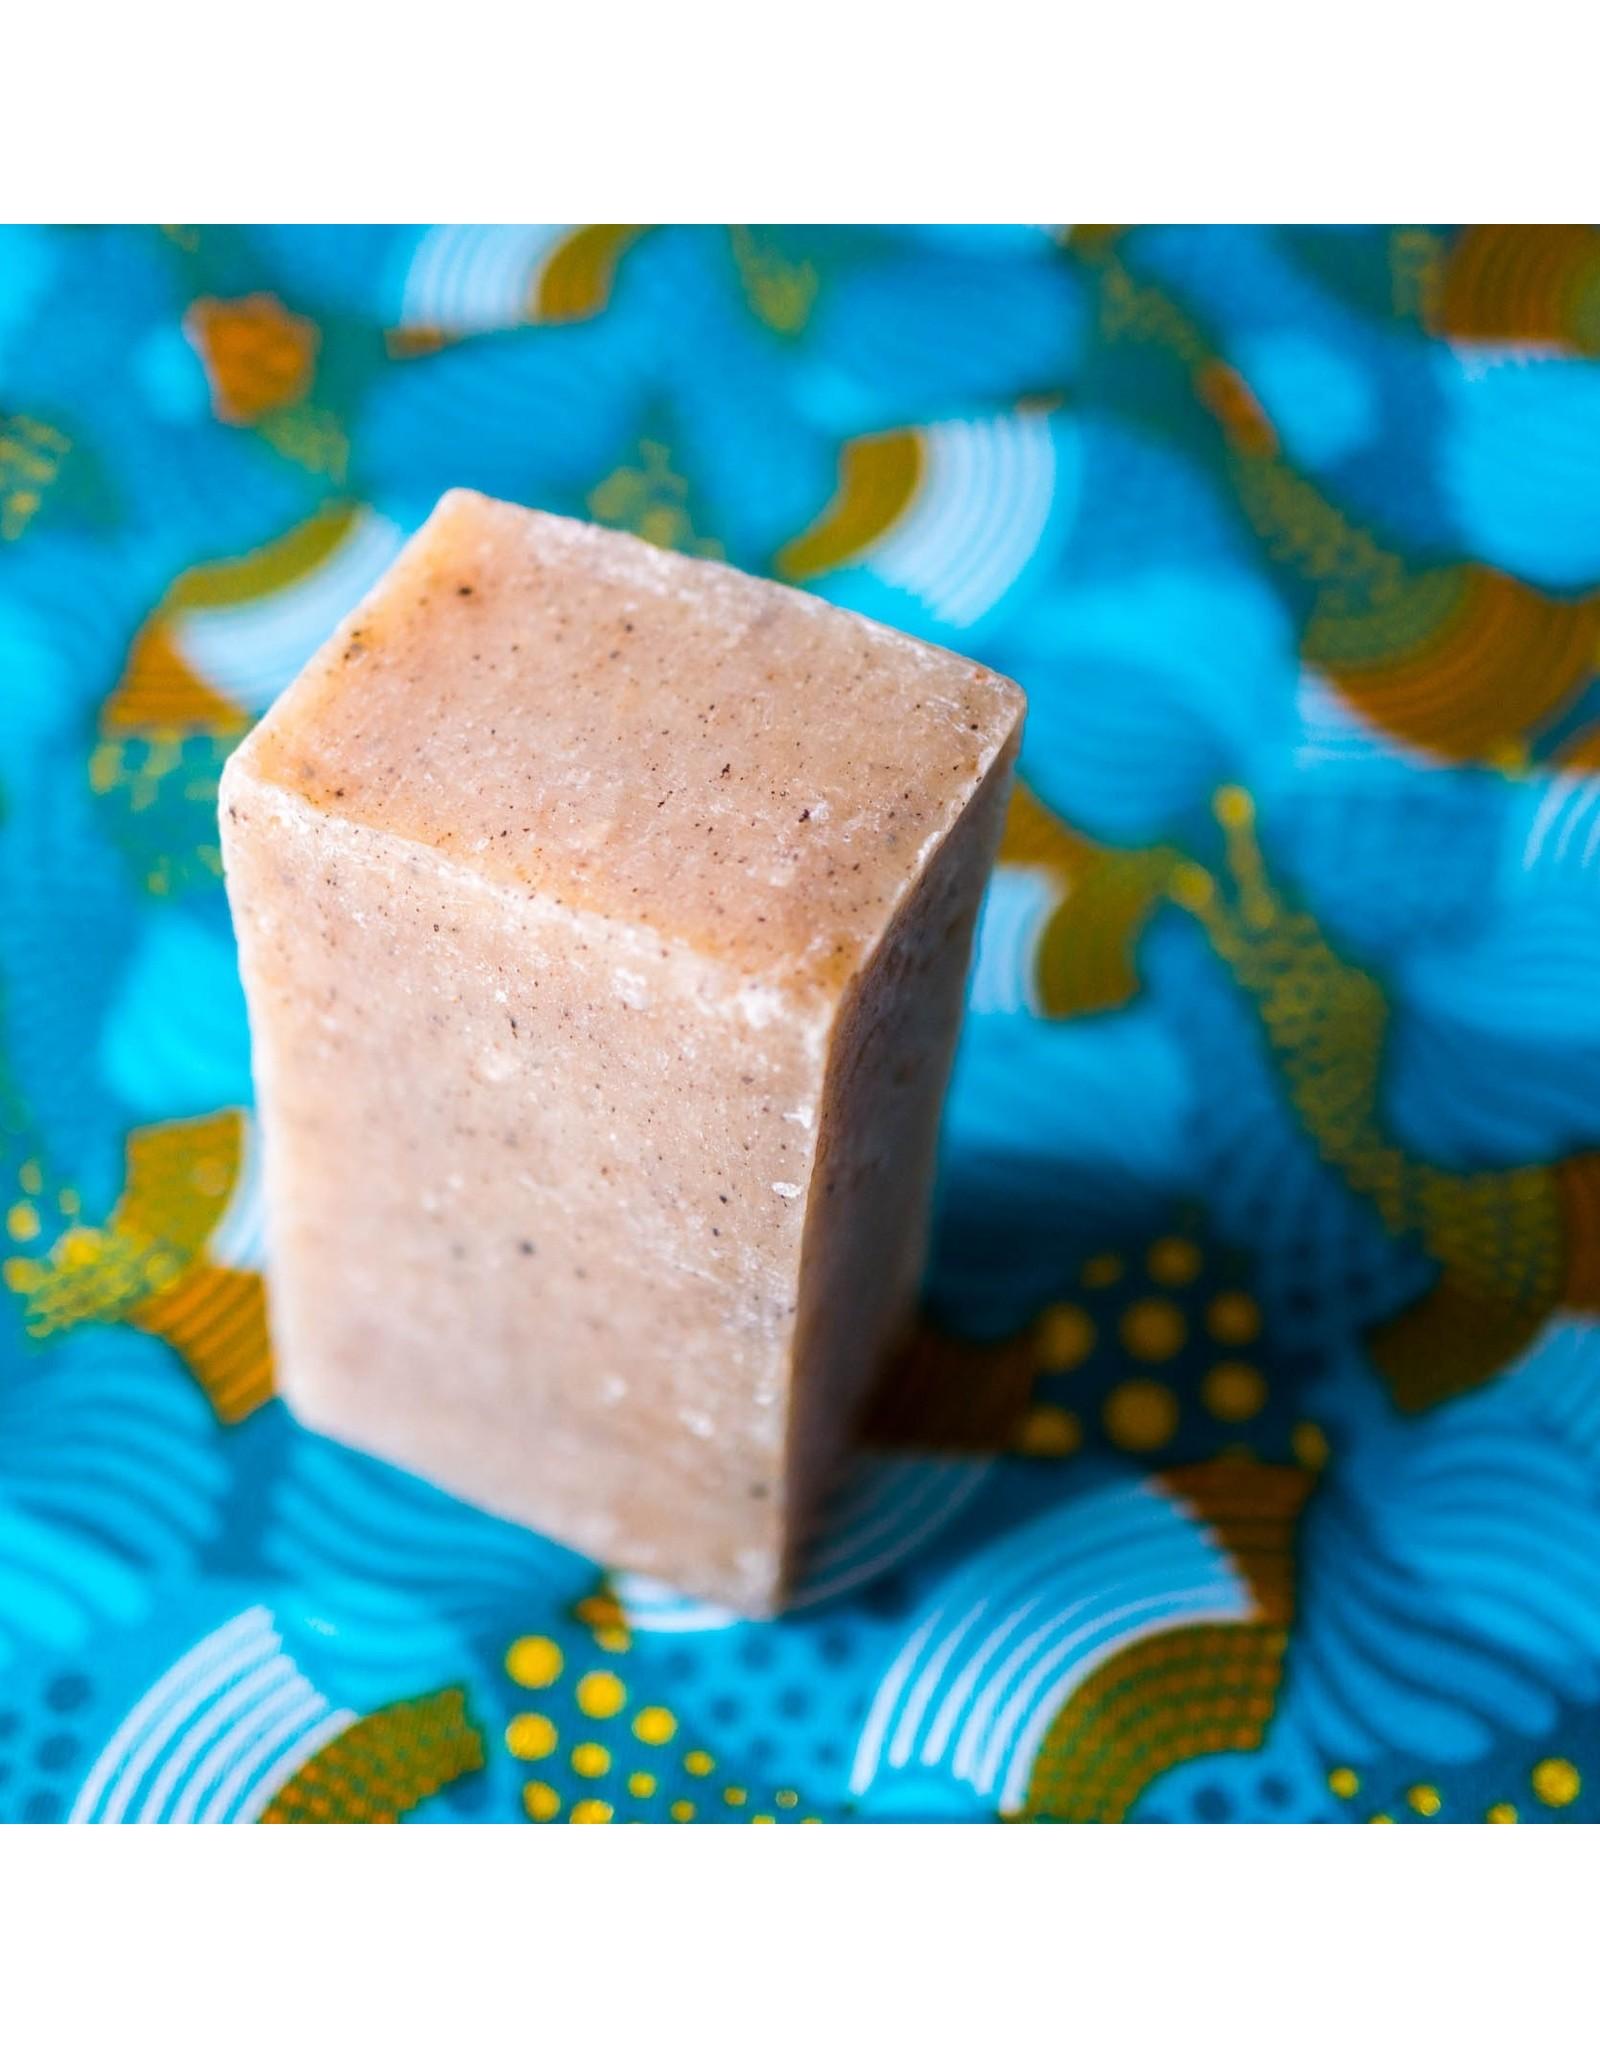 Zambeezi Spearmint Beeswax Soap, 100g. Zambia